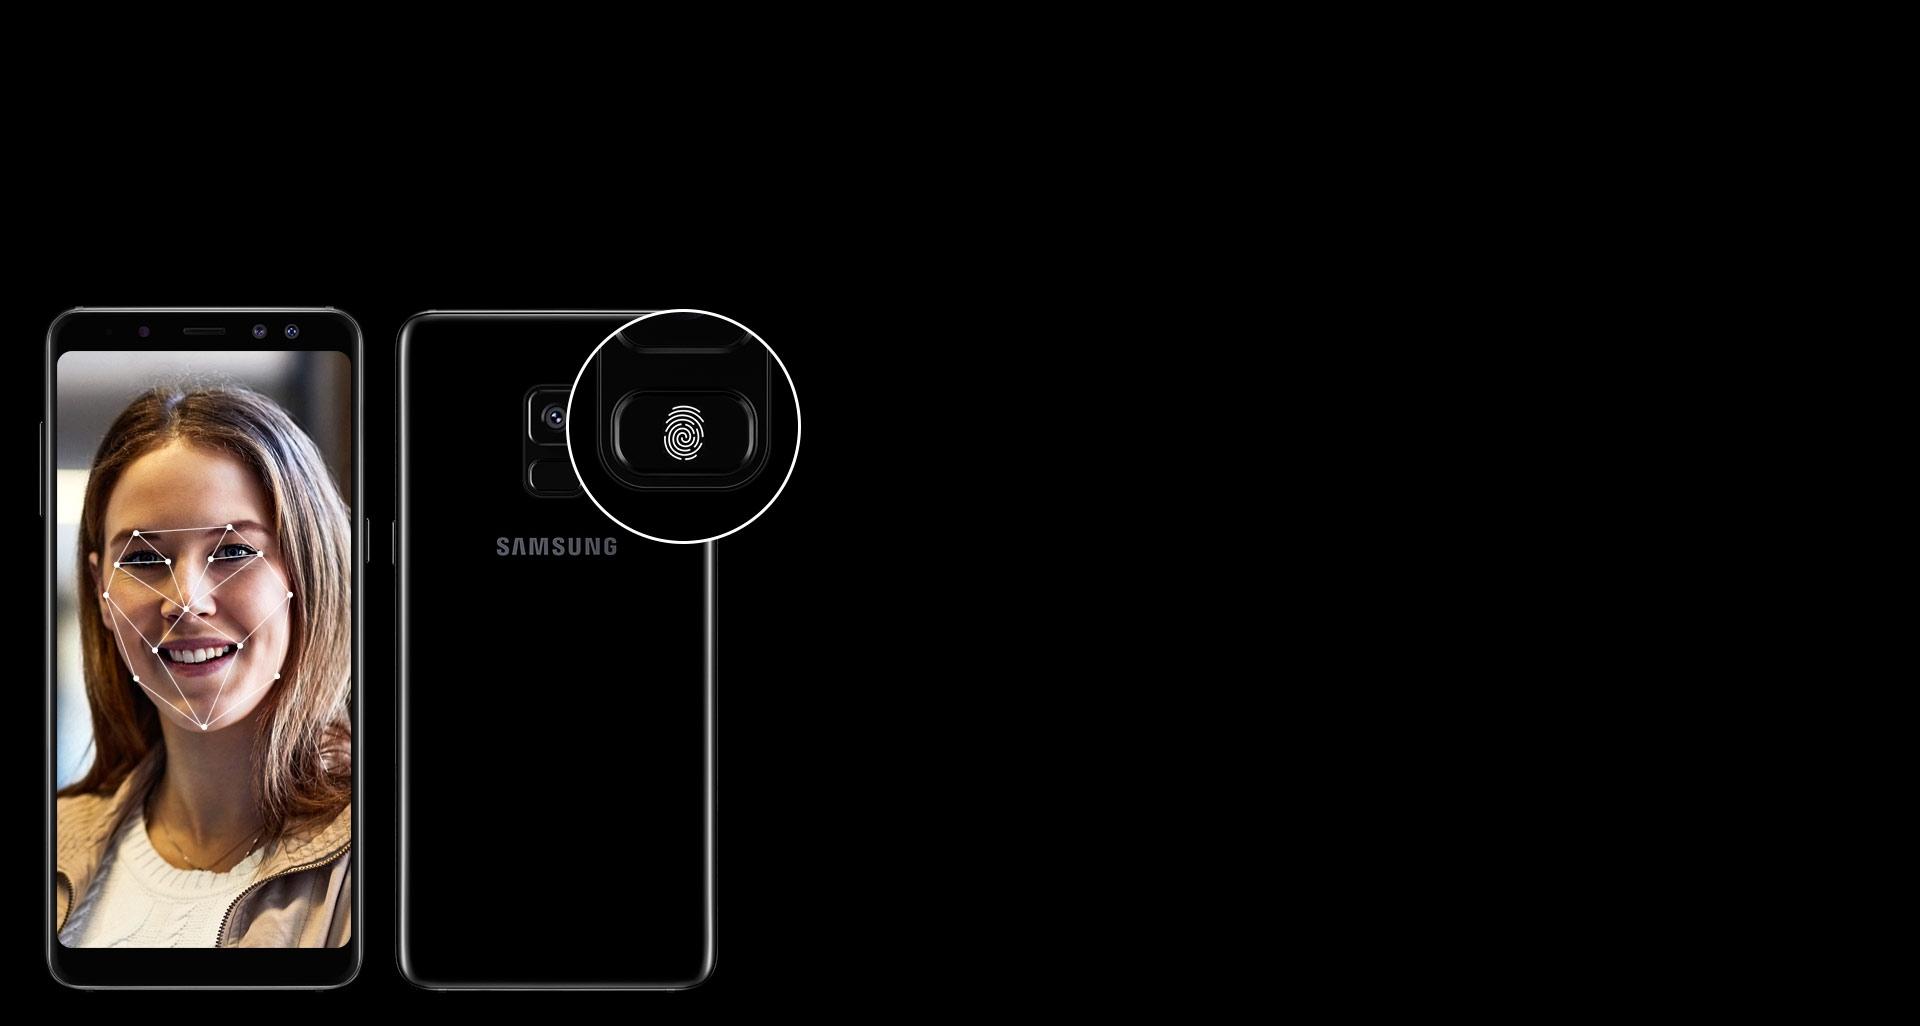 گوشی گلکسی ای 8 پلاس با سیستم احراز هویت پیشرفته